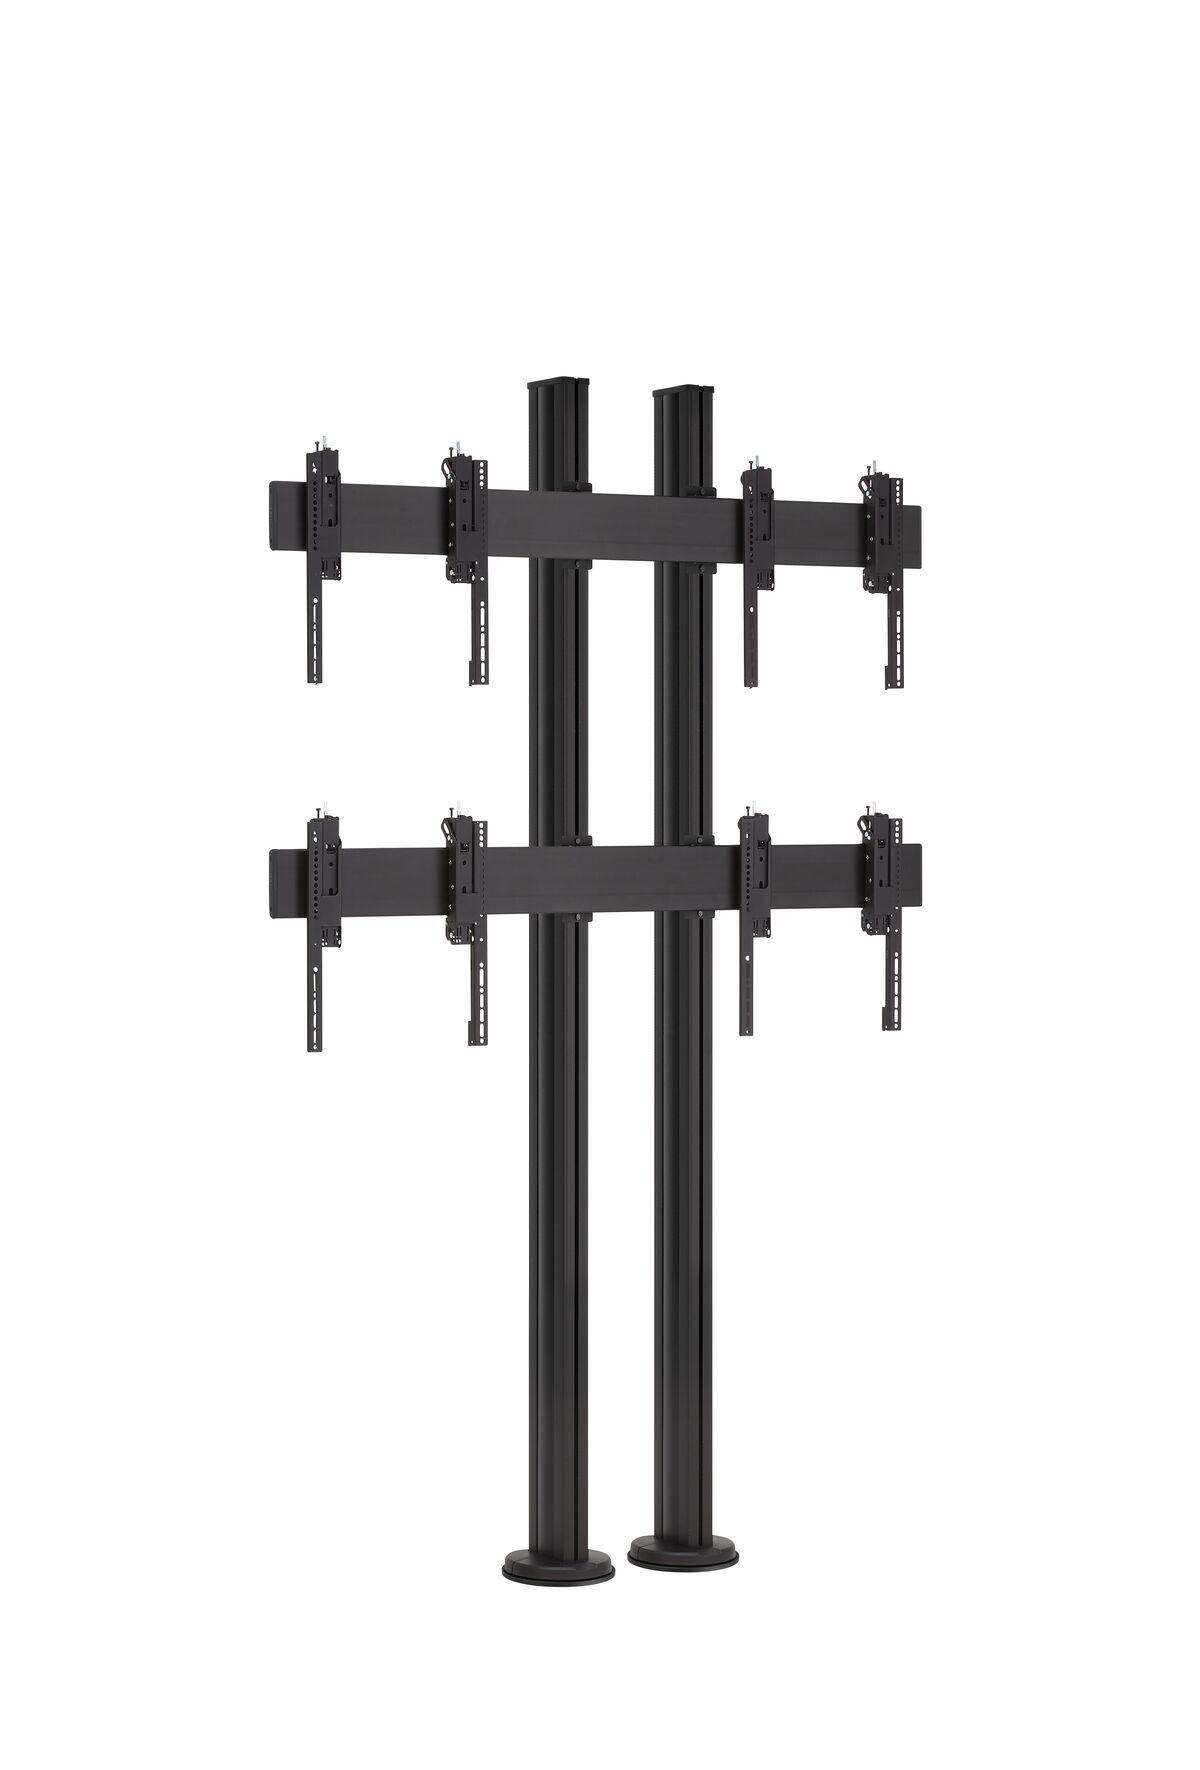 Vogel's PFF 7960 Пластина для напольного крепления - Detail